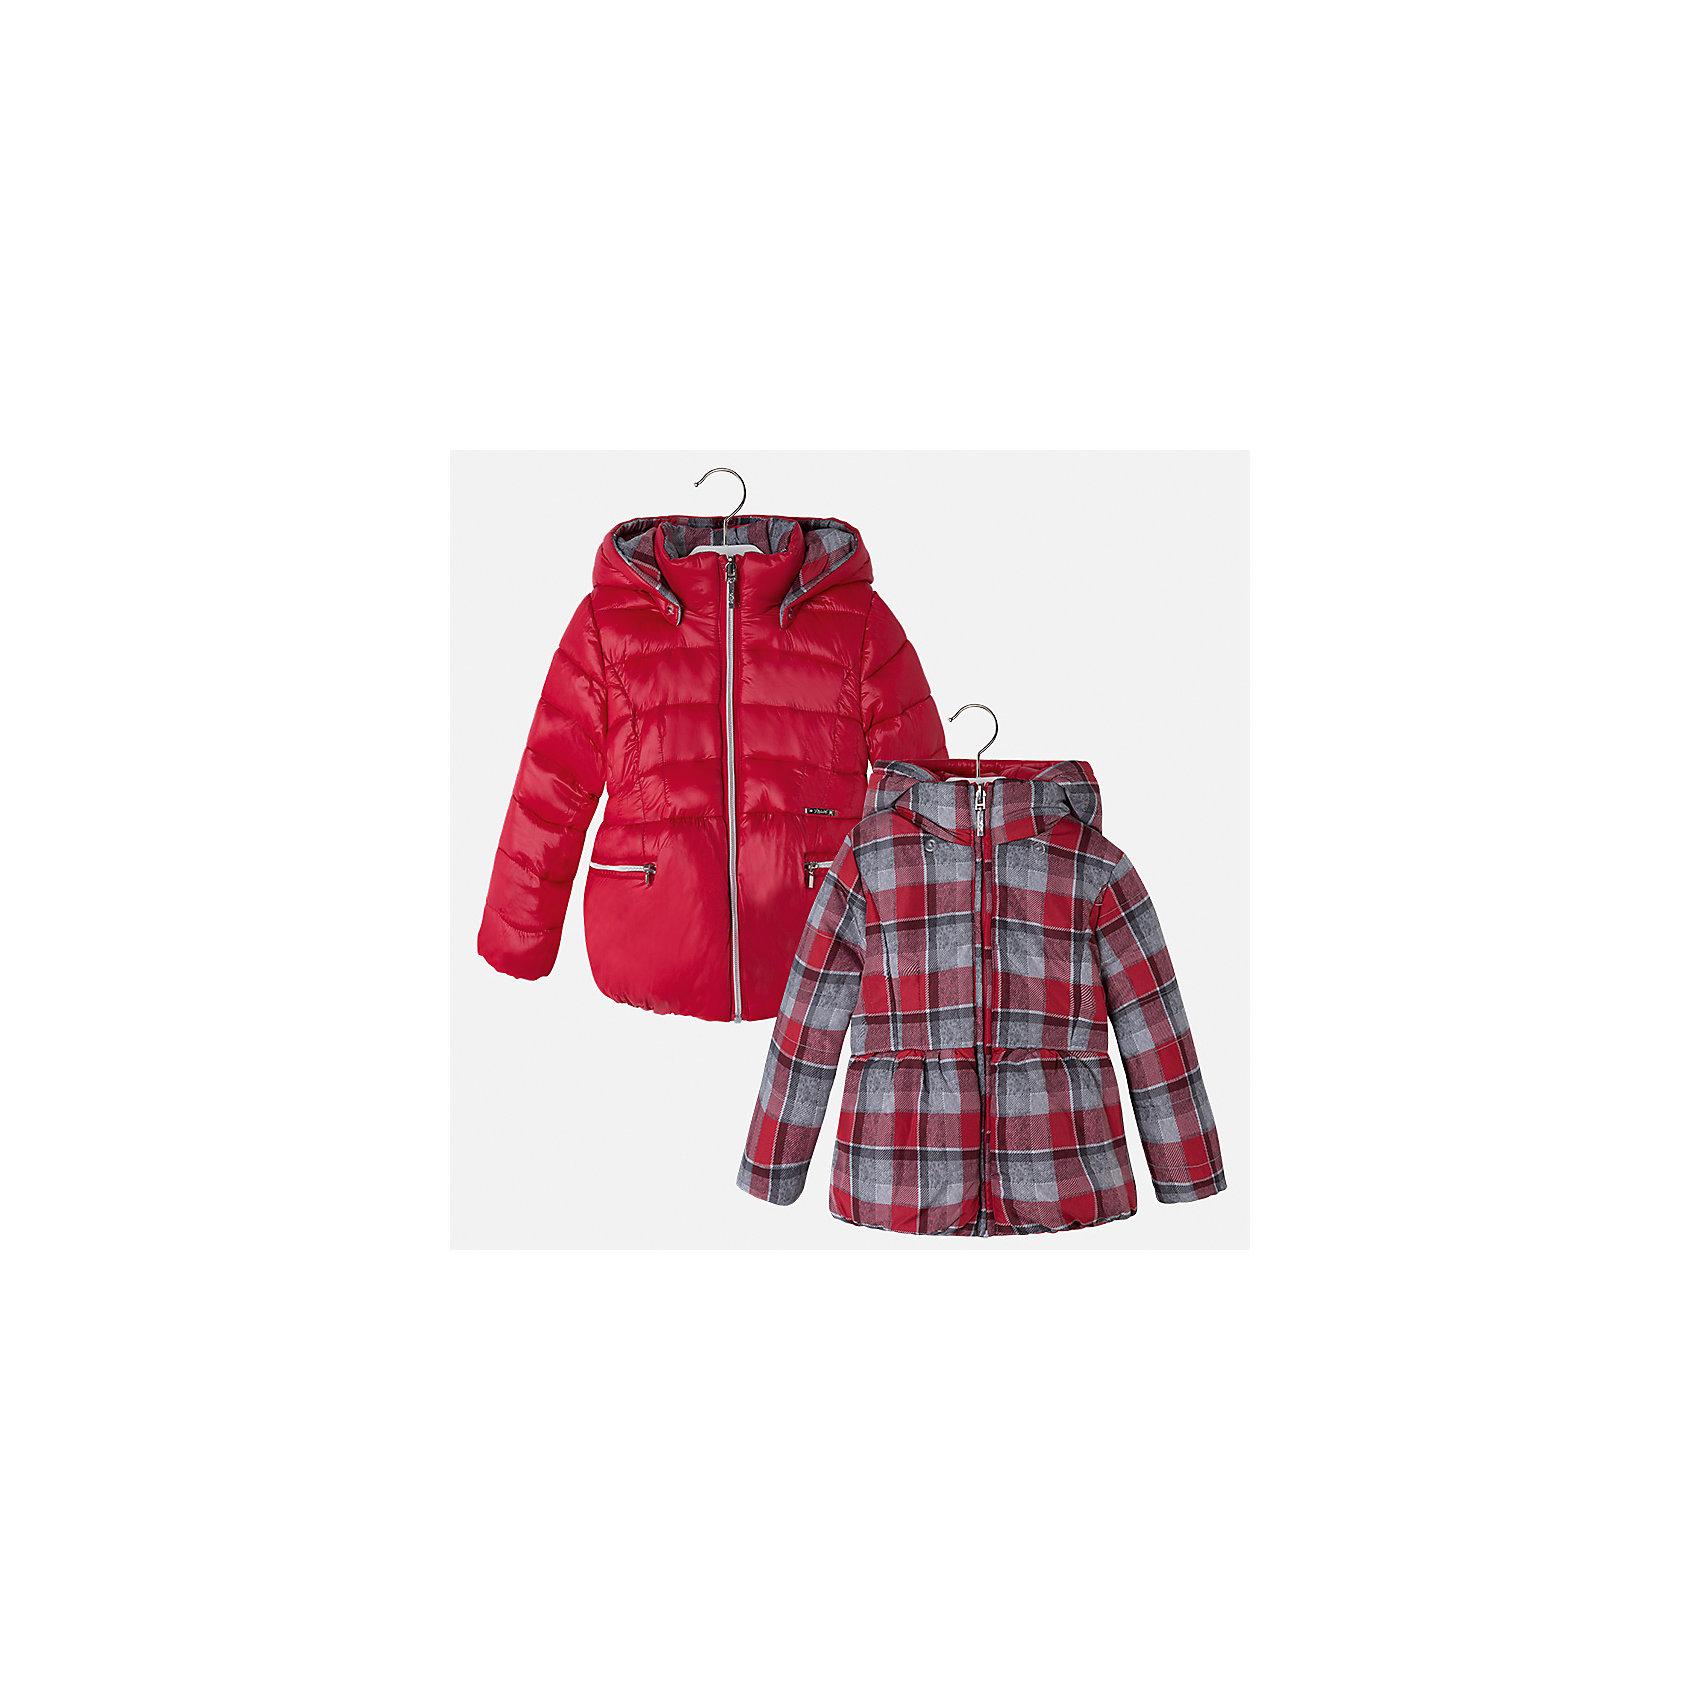 Куртка для девочки MayoralДемисезонные куртки<br>Характеристики товара:<br><br>• цвет: красный<br>• состав ткани: 100% полиамид, подклад - 100% полиэстер, утеплитель - 100% полиэстер<br>• застежка: молния<br>• длинные рукава<br>• двусторонняя<br>• сезон: демисезон<br>• температурный режим: от 0 до -10С<br>• страна бренда: Испания<br>• страна изготовитель: Китай<br><br>Модная двусторонняя куртка сделана из качественного материала. Такая куртка для девочки от бренда Майорал поможет ребенку выглядеть модно и чувствовать себя комфортно. <br><br>Для производства детской одежды популярный бренд Mayoral использует только качественную фурнитуру и материалы. Оригинальные и модные вещи от Майорал неизменно привлекают внимание и нравятся детям.<br><br>Куртку для девочки Mayoral (Майорал) можно купить в нашем интернет-магазине.<br><br>Ширина мм: 356<br>Глубина мм: 10<br>Высота мм: 245<br>Вес г: 519<br>Цвет: красный<br>Возраст от месяцев: 96<br>Возраст до месяцев: 108<br>Пол: Женский<br>Возраст: Детский<br>Размер: 134,92,98,104,110,116,122,128<br>SKU: 6924483